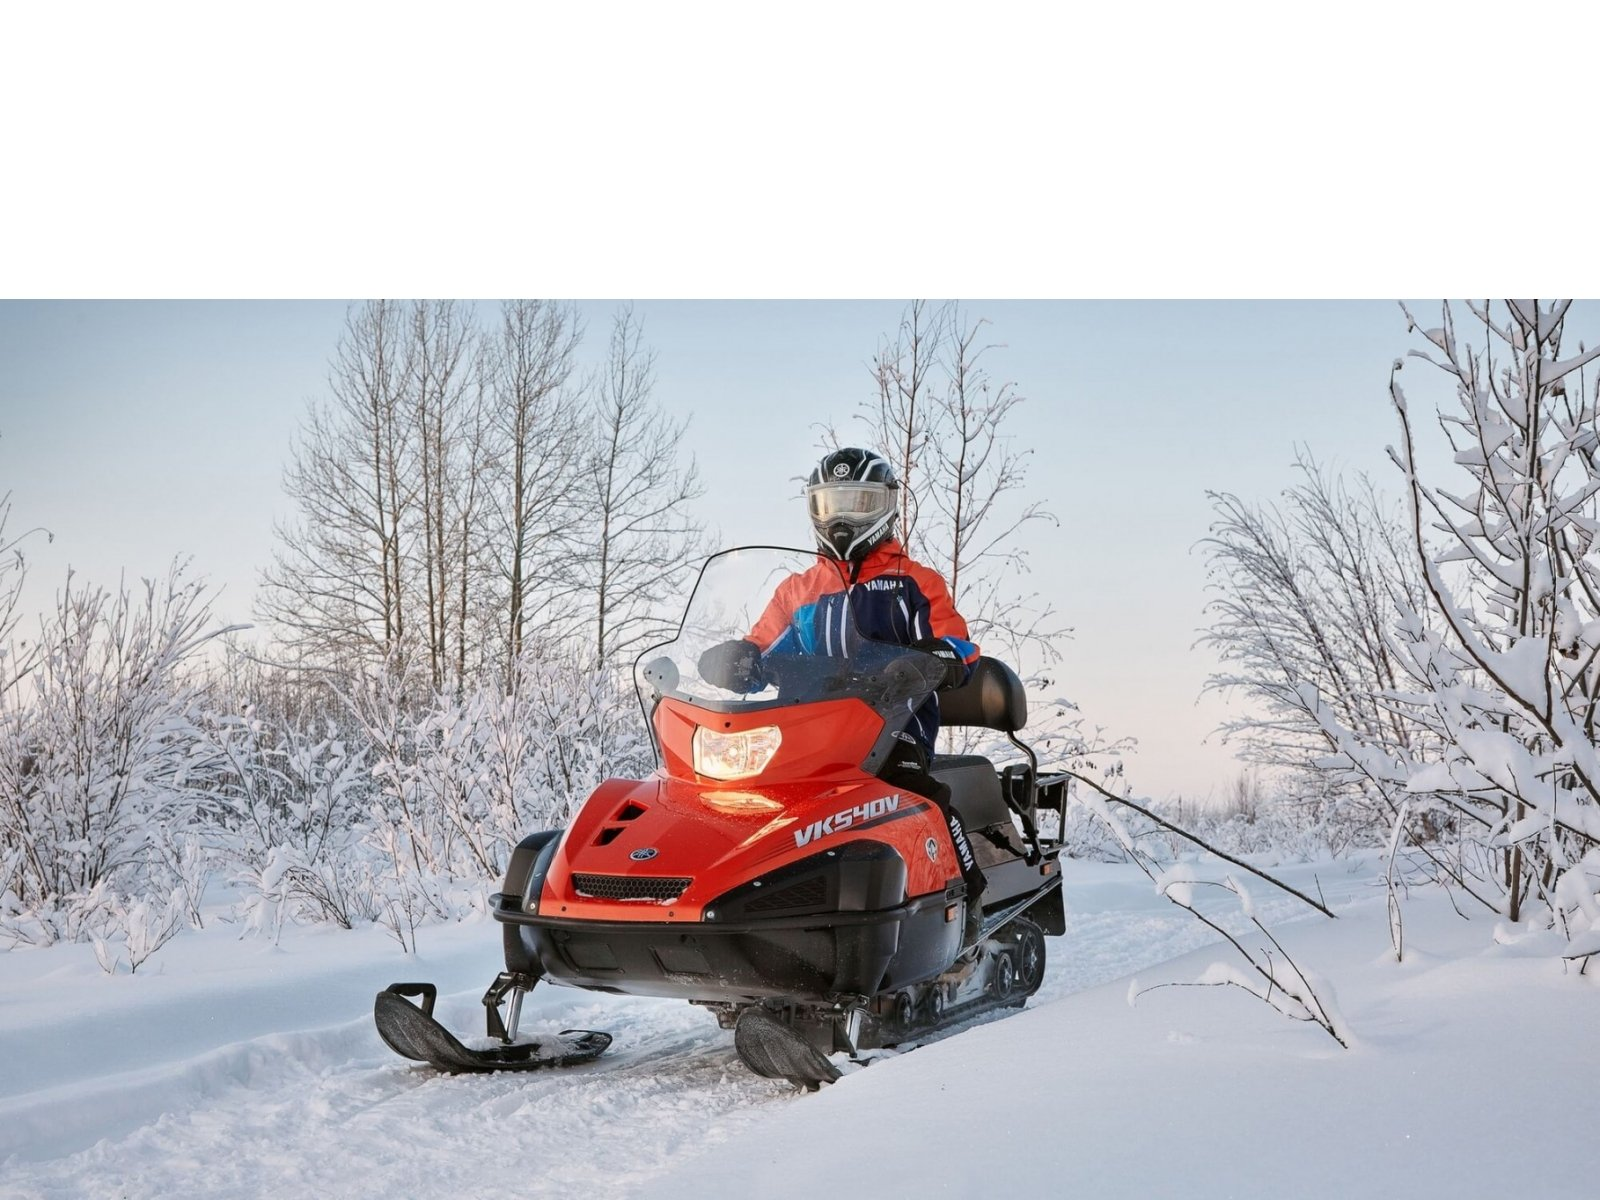 Снегоход YAMAHA VK540 V (Viking 540) - Tangerine Orange '2020